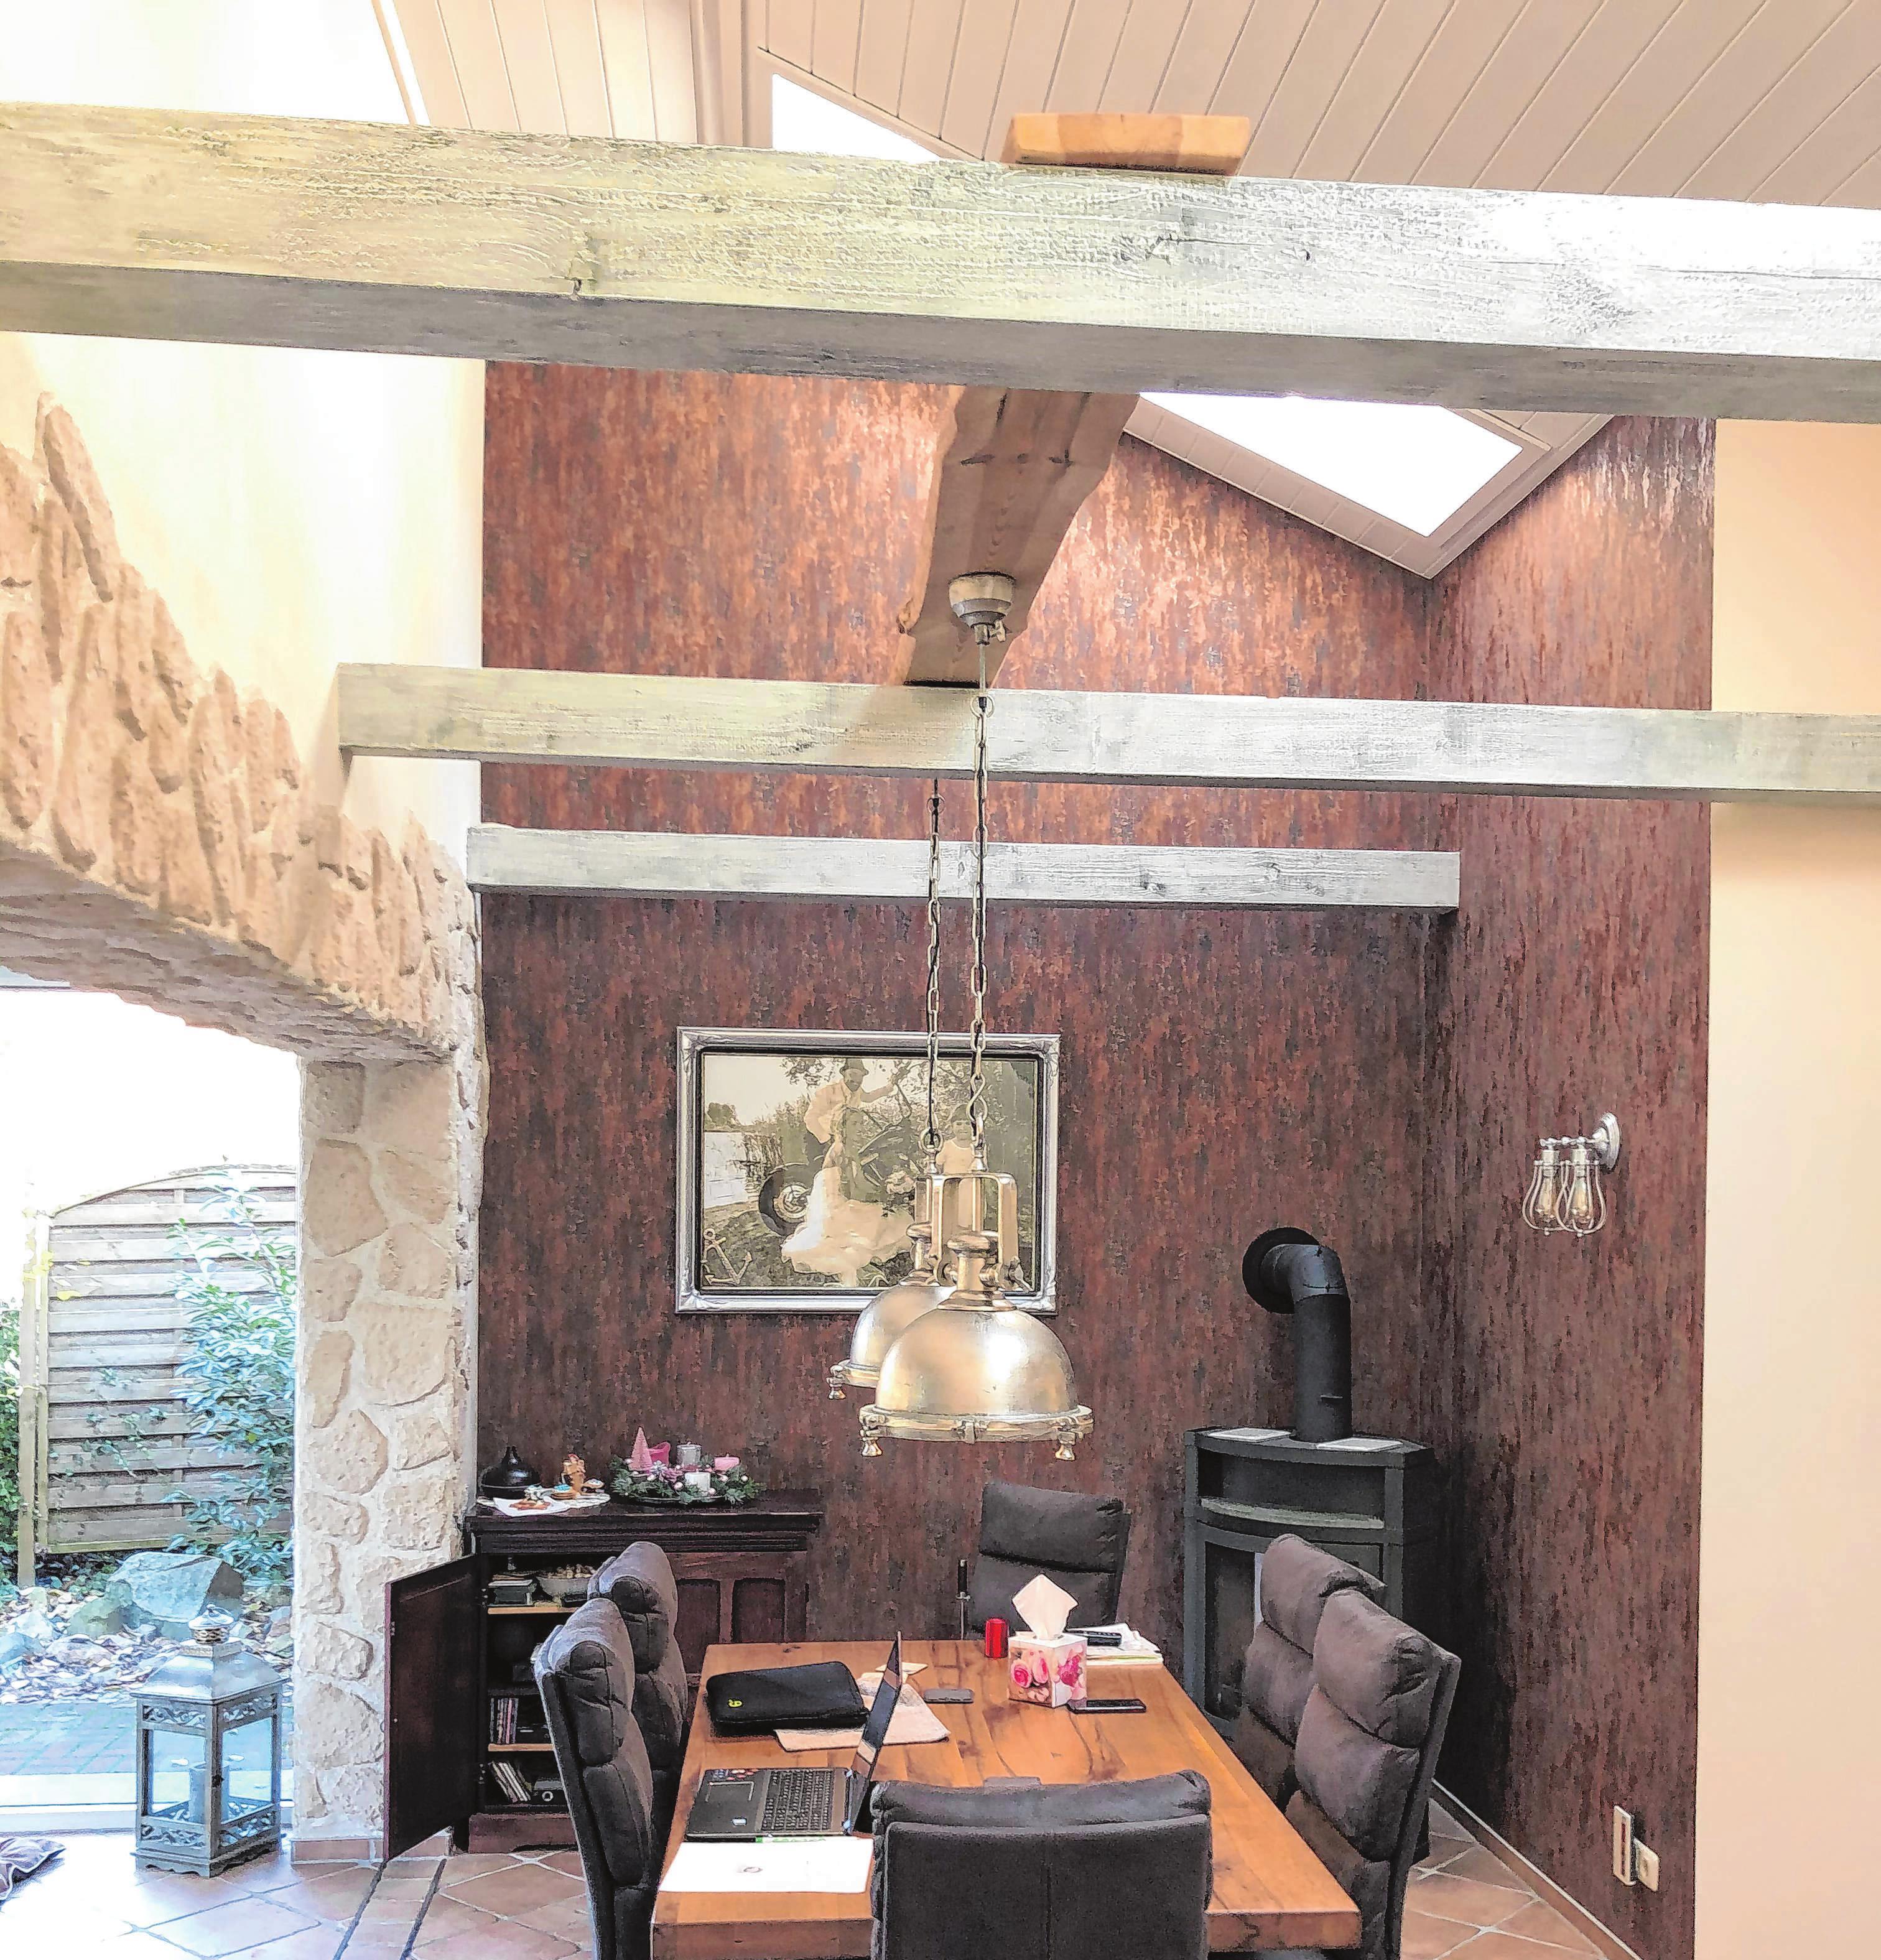 Ein Ort zum Entspannen: Ob man sich in einem Raum wohlfühlt, davon hängt auch die Gestaltung der Wände ab.